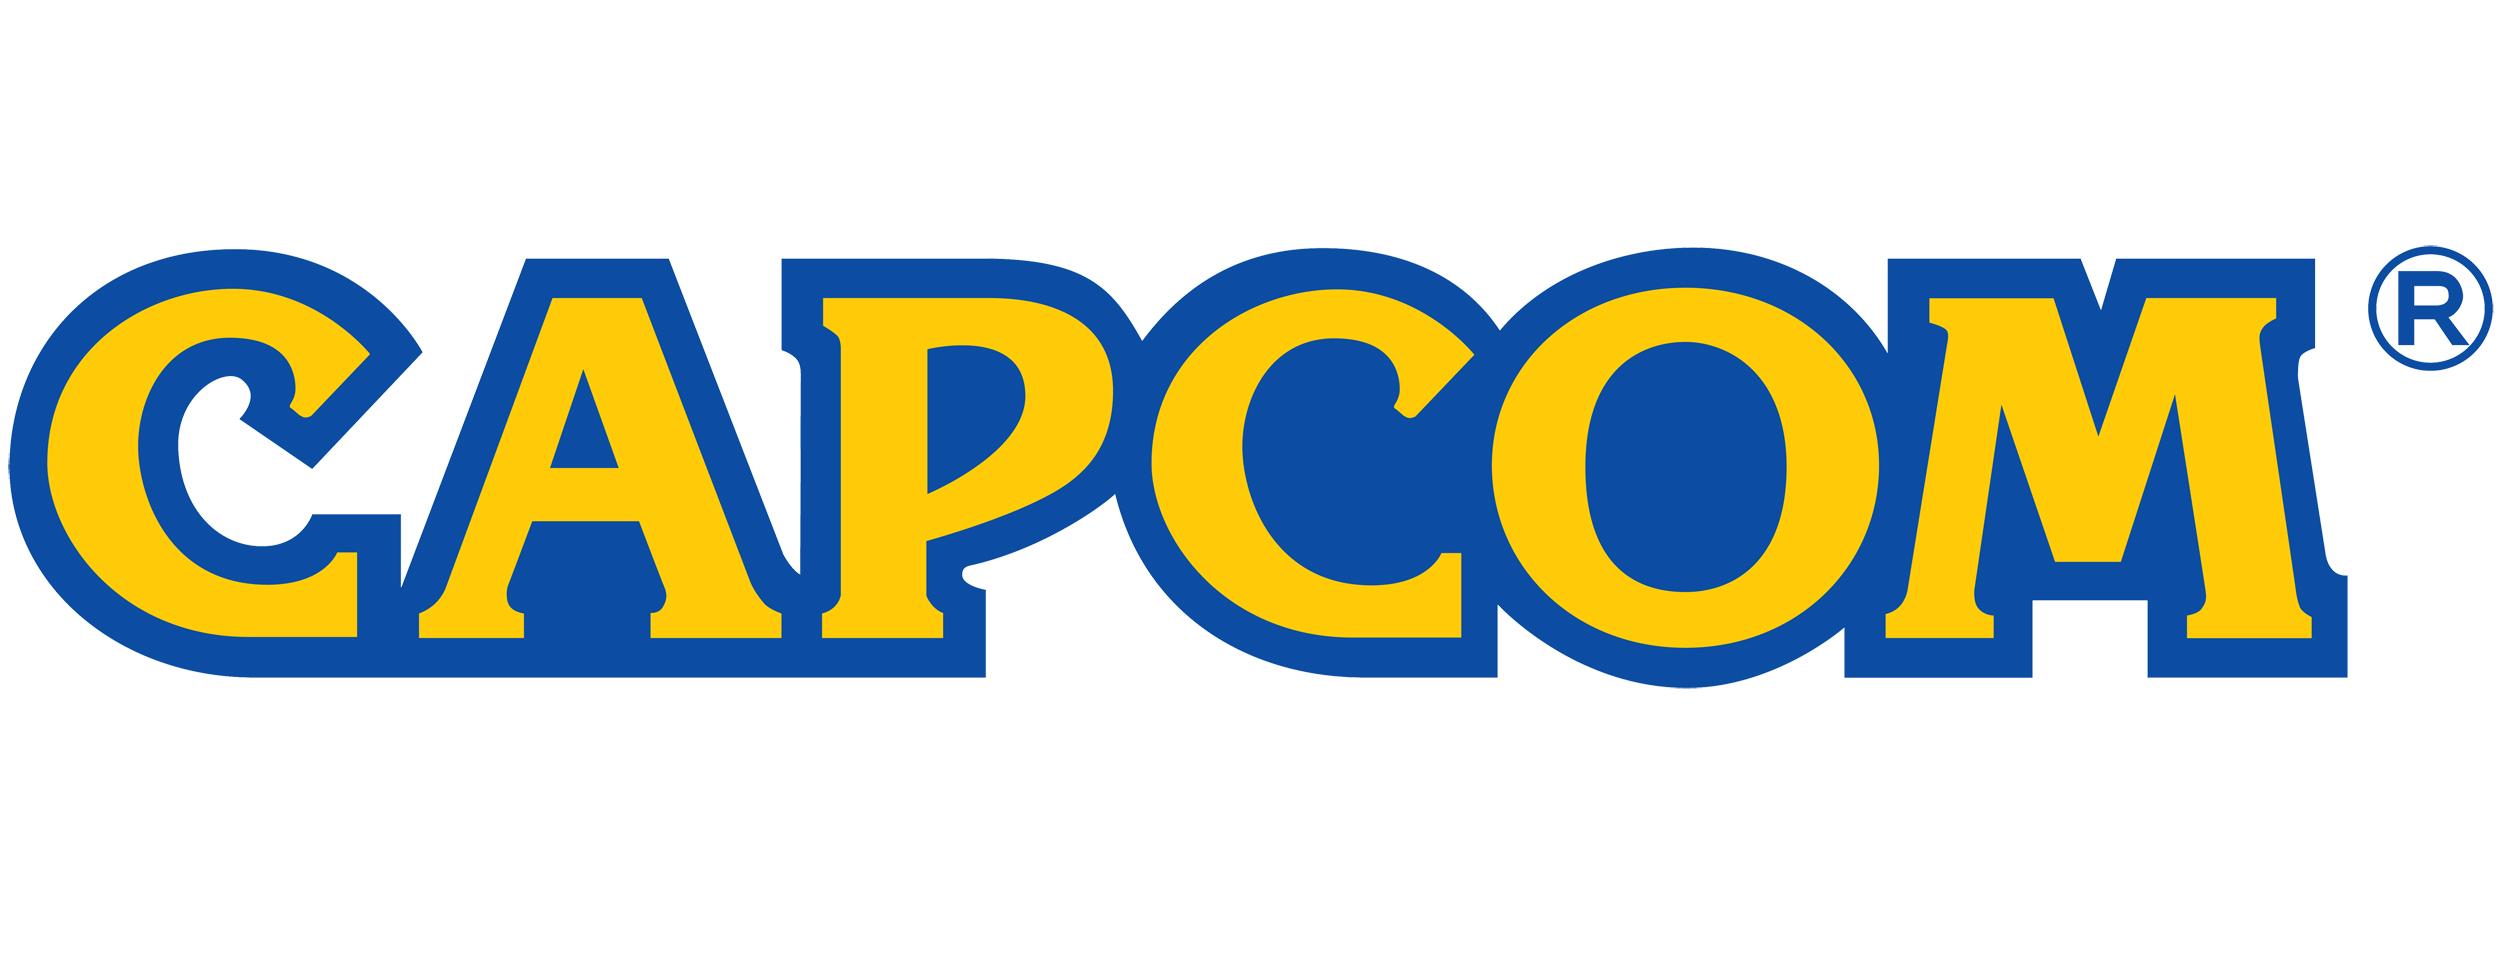 Capcom revela lista de suas franquias Platinum